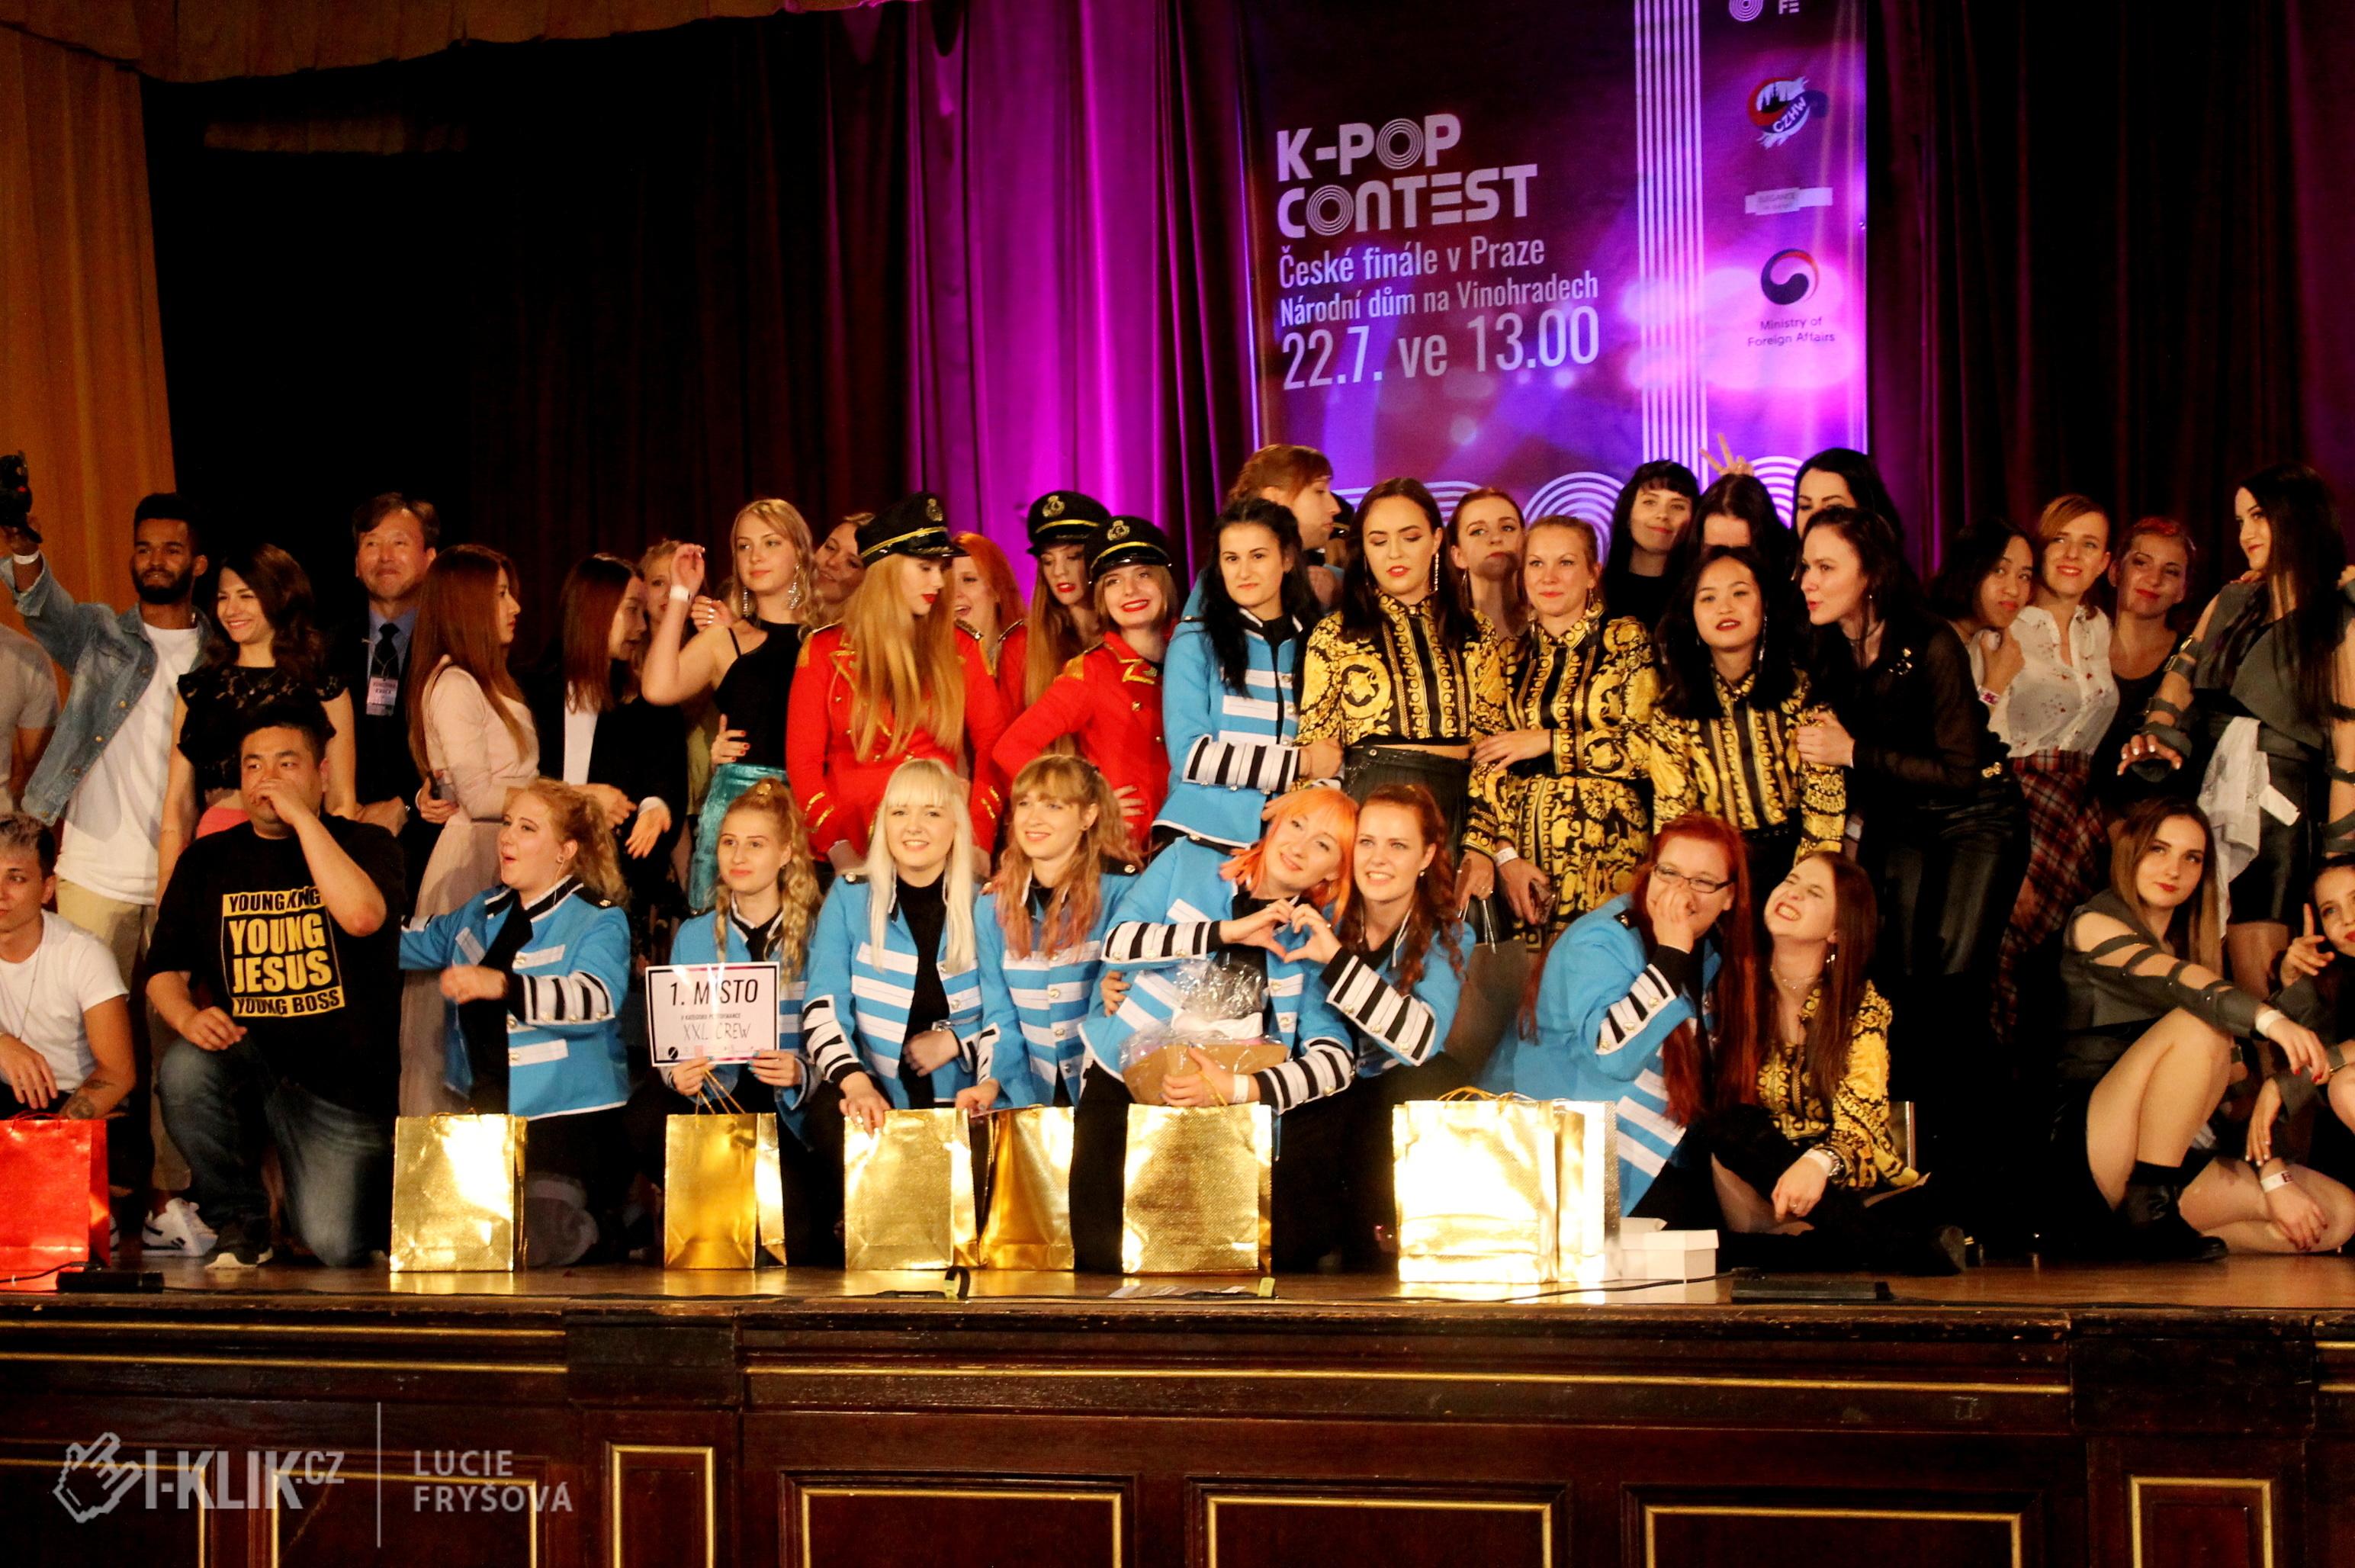 K – POP Contest zná své vítěze! Jsou jimi rapperka L.J. a XXL Crew!